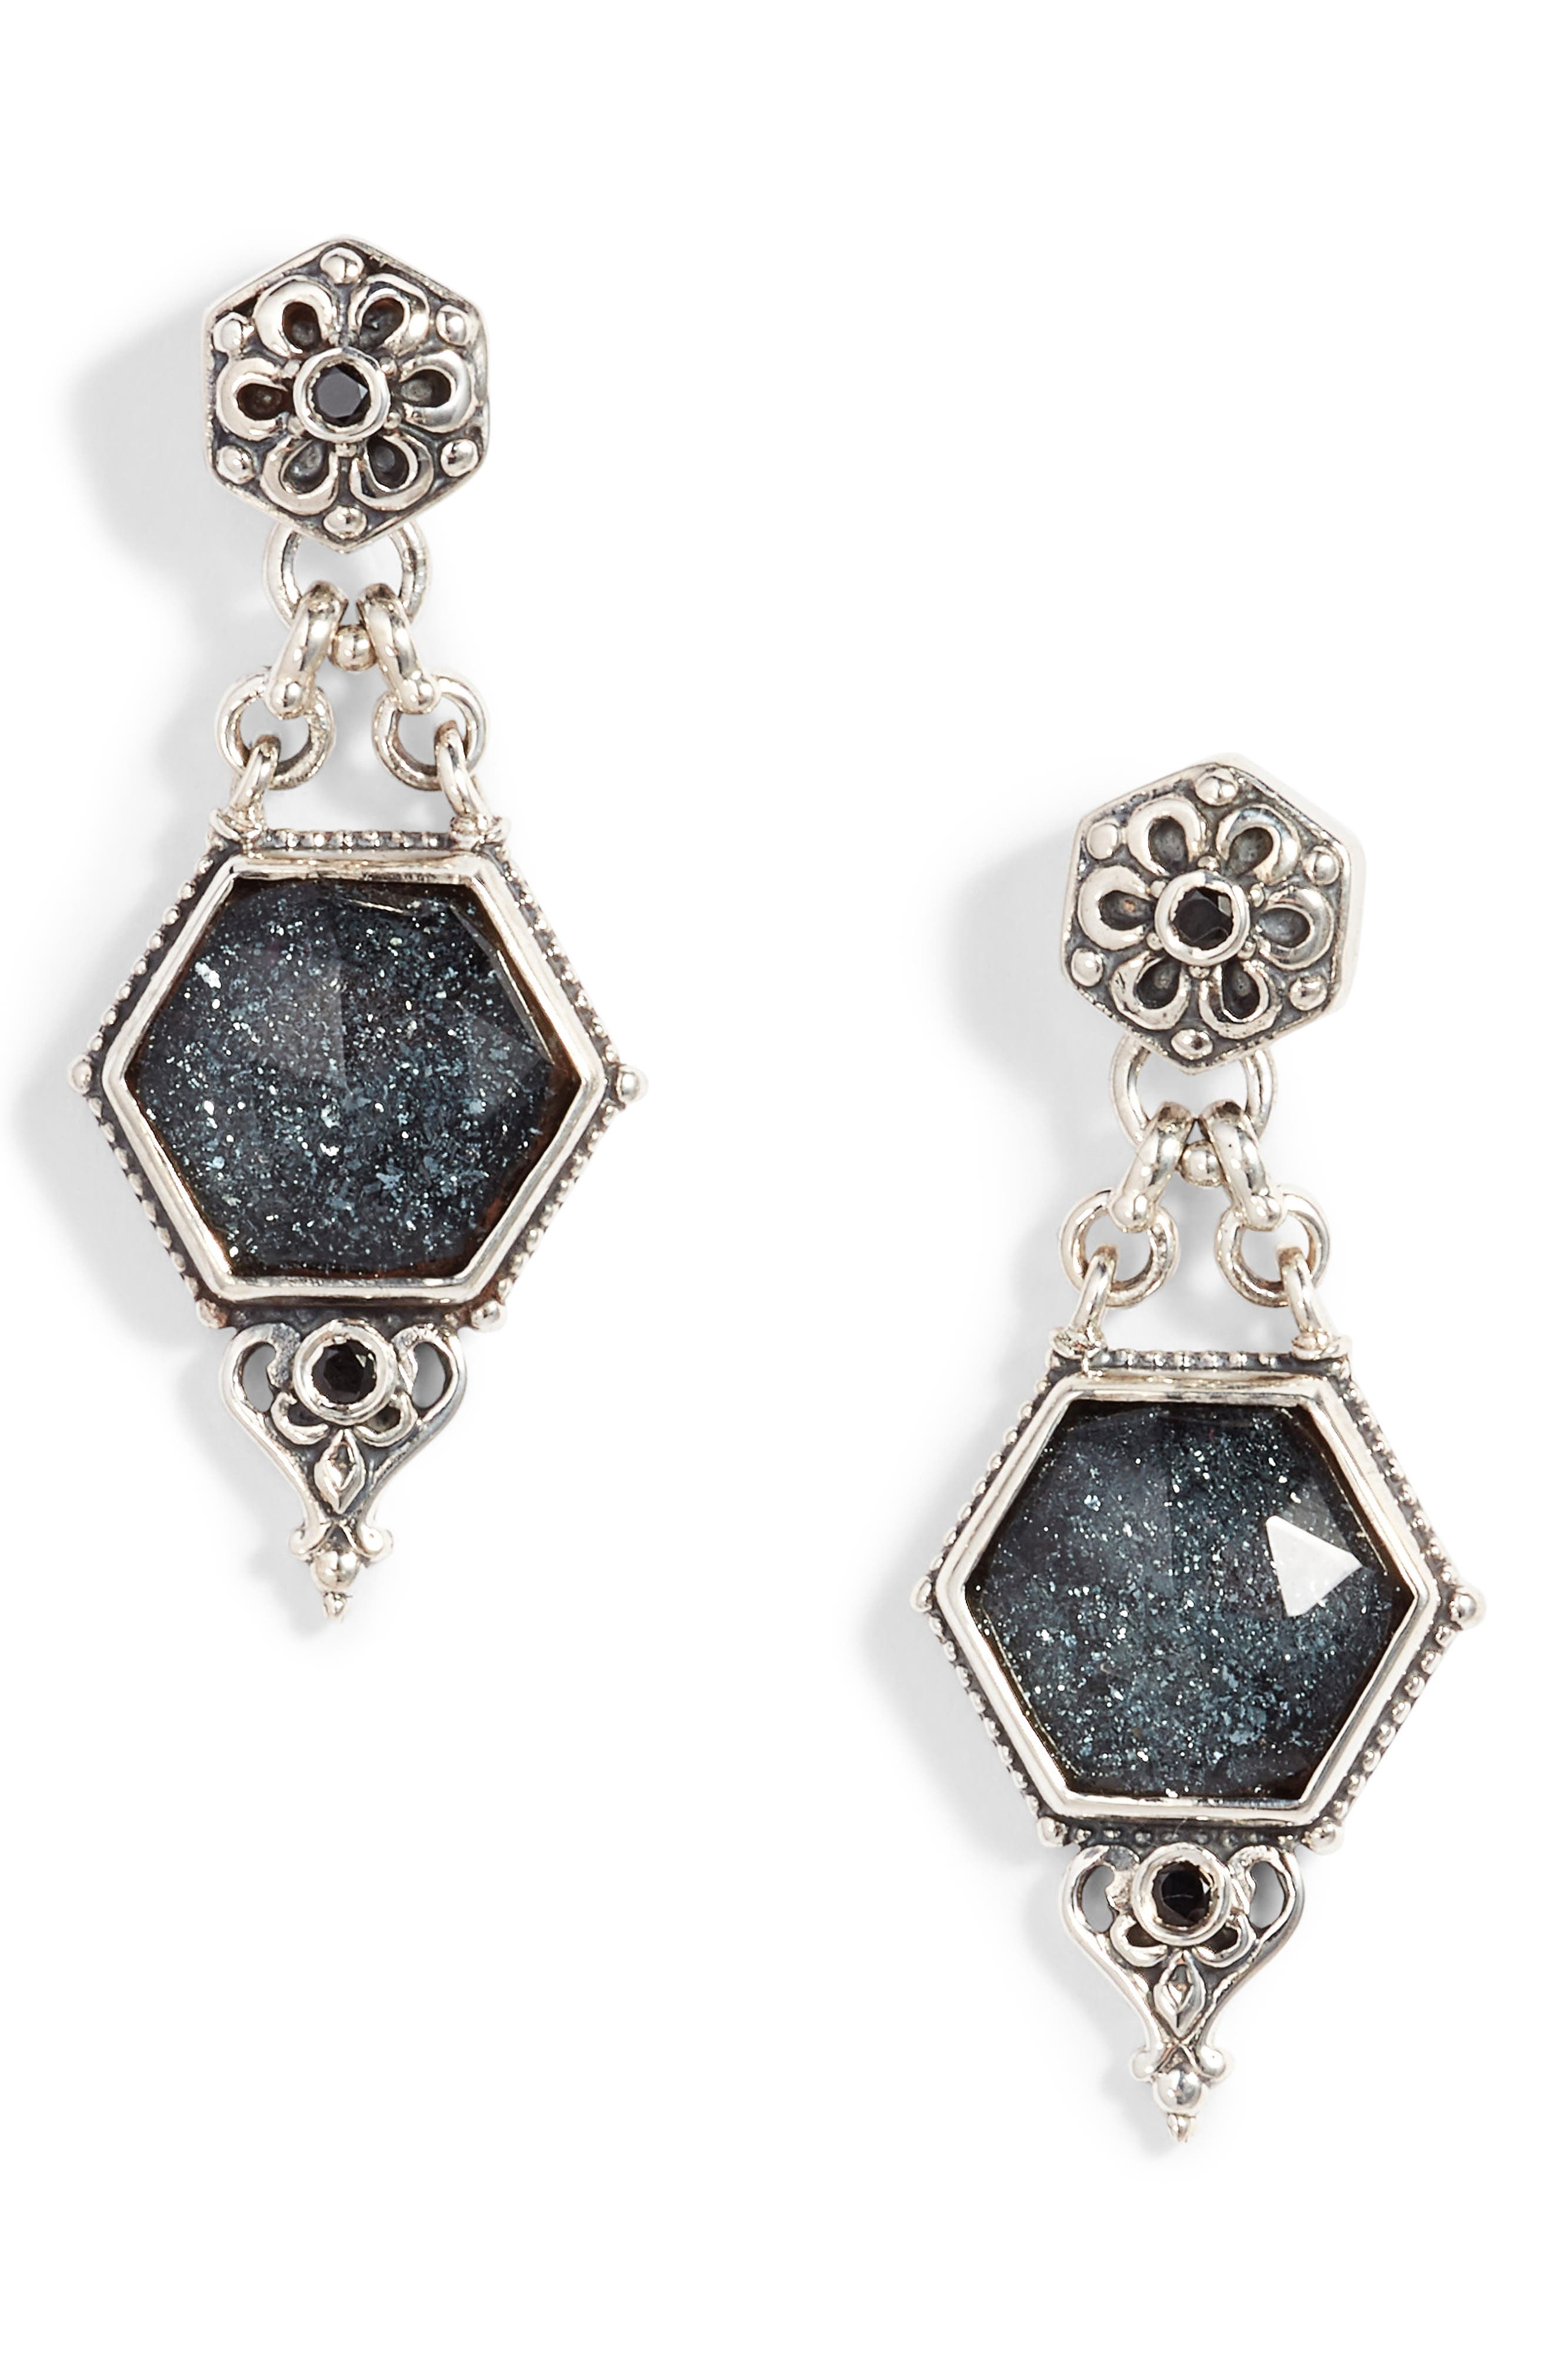 Santorini Hematite Octogan Drop Earrings,                             Main thumbnail 1, color,                             SILVER/ HEMATITE